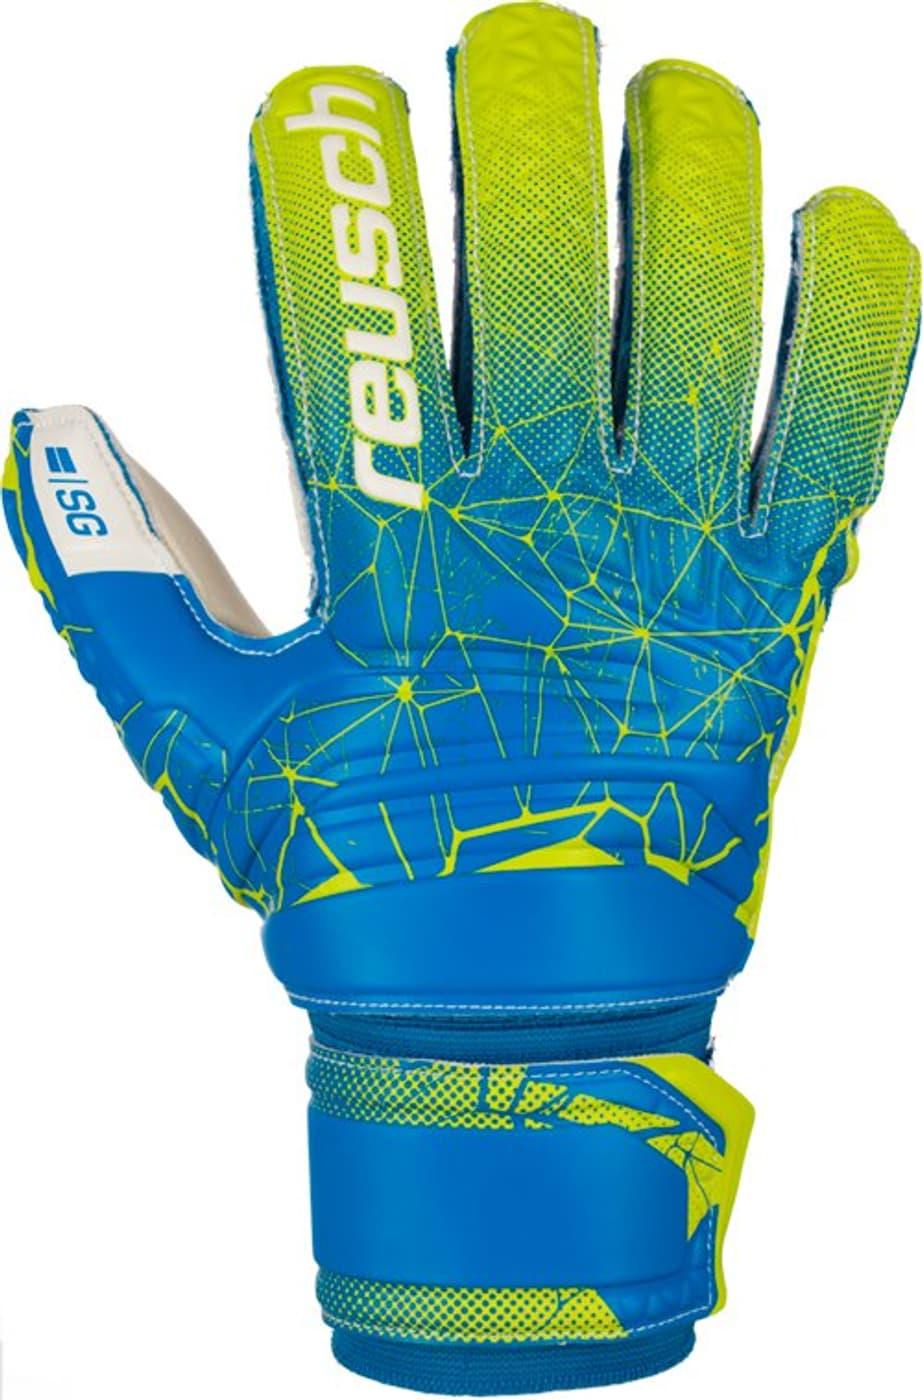 Reusch Fit Control SG Finger Support Guanti da portiere di calcio ... d13fd973f6ff